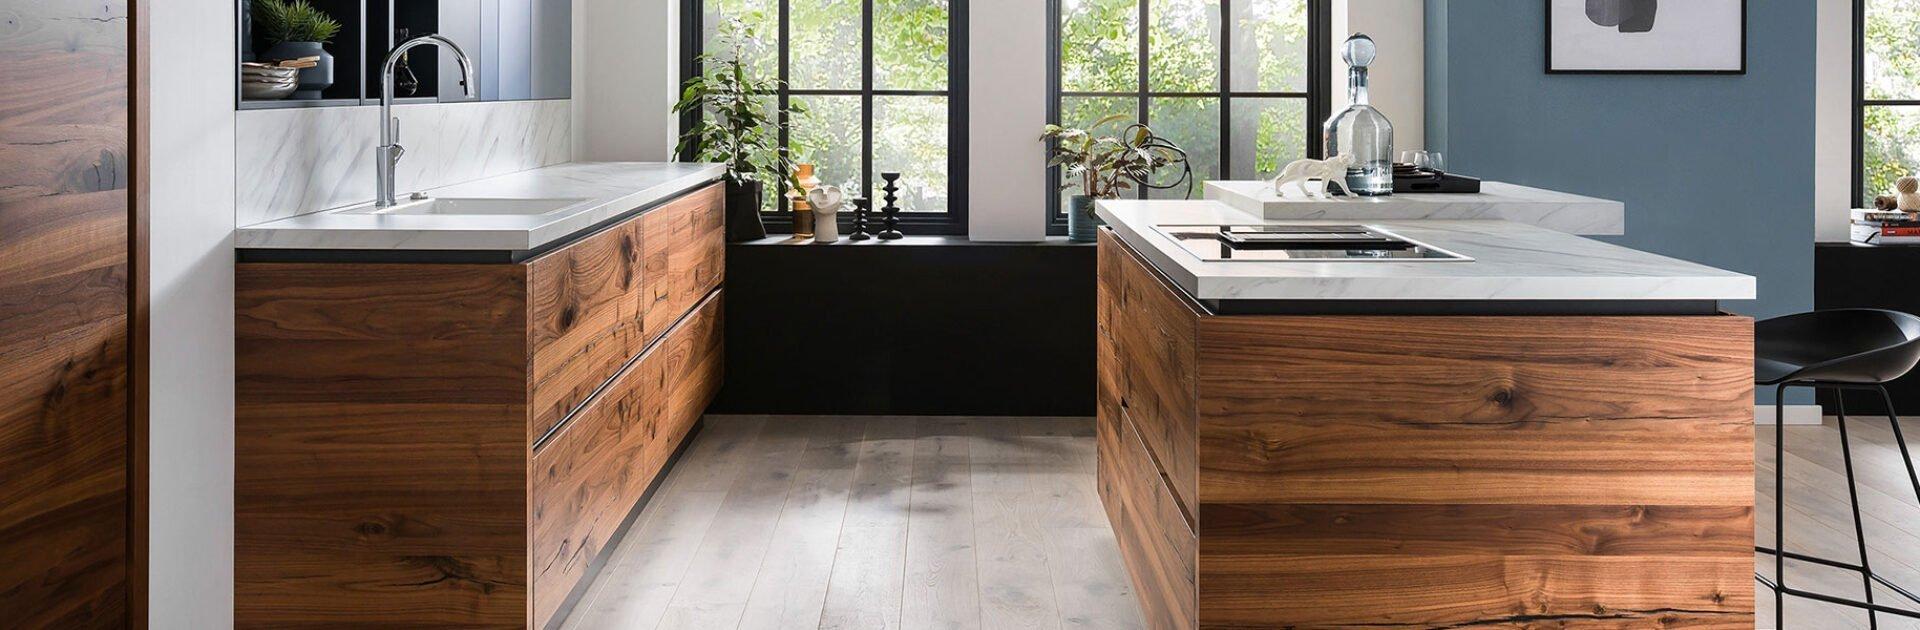 Inspiratiepagina parallel keukens   Satink Keukens